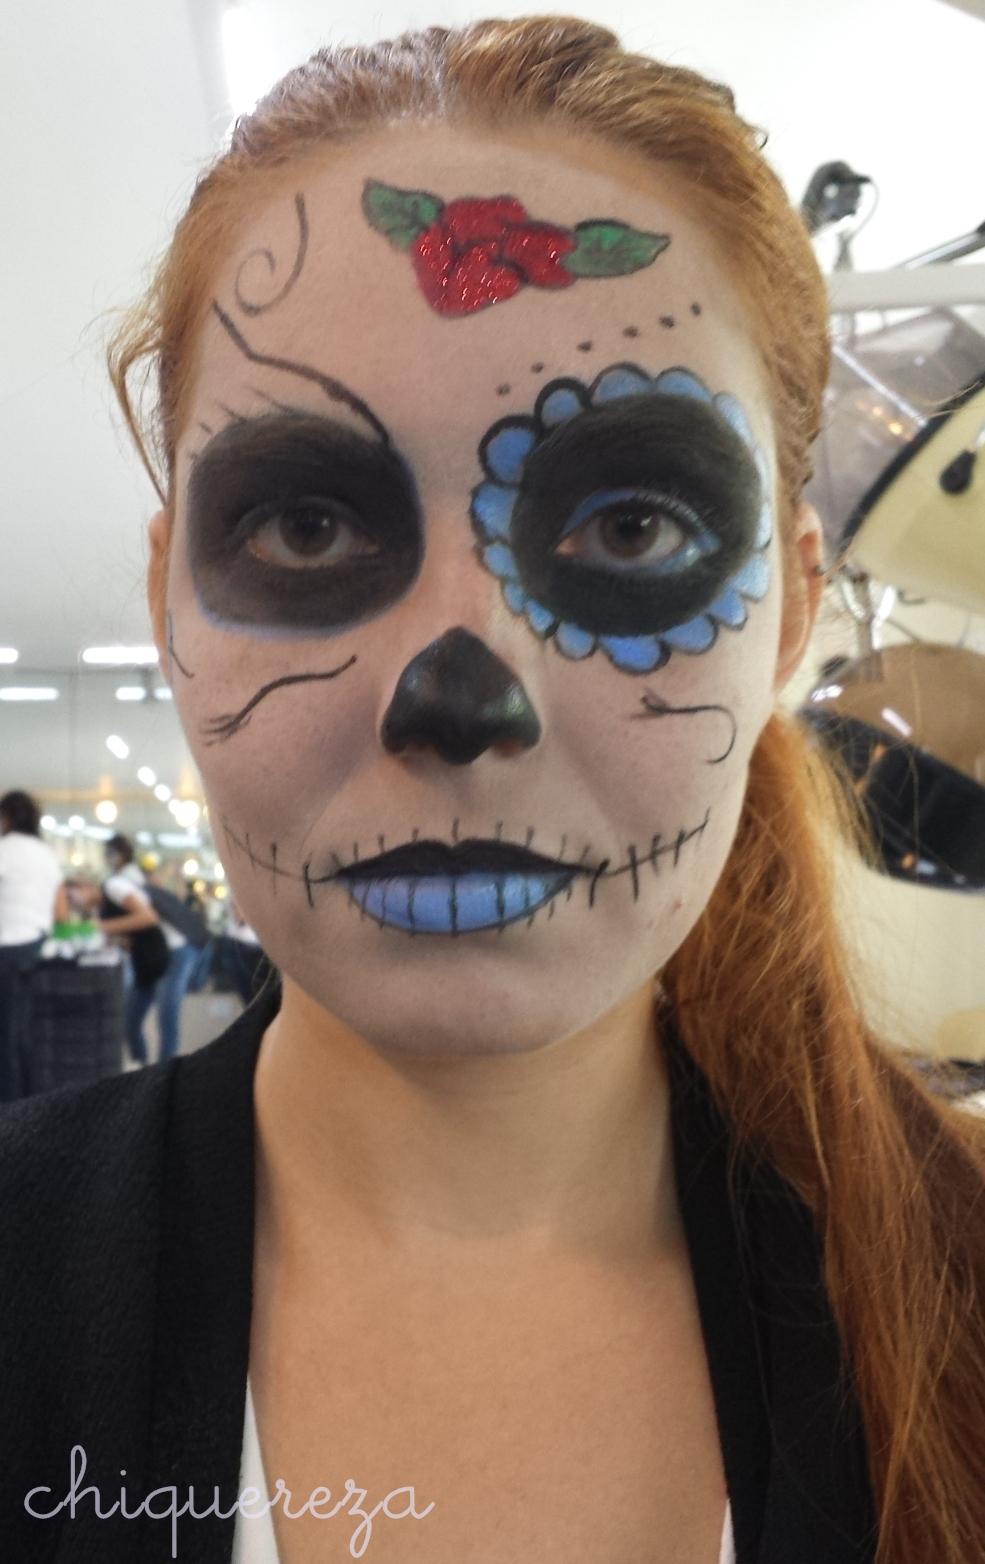 maquiagem caveira mexicana, curso senac maquiador profissional